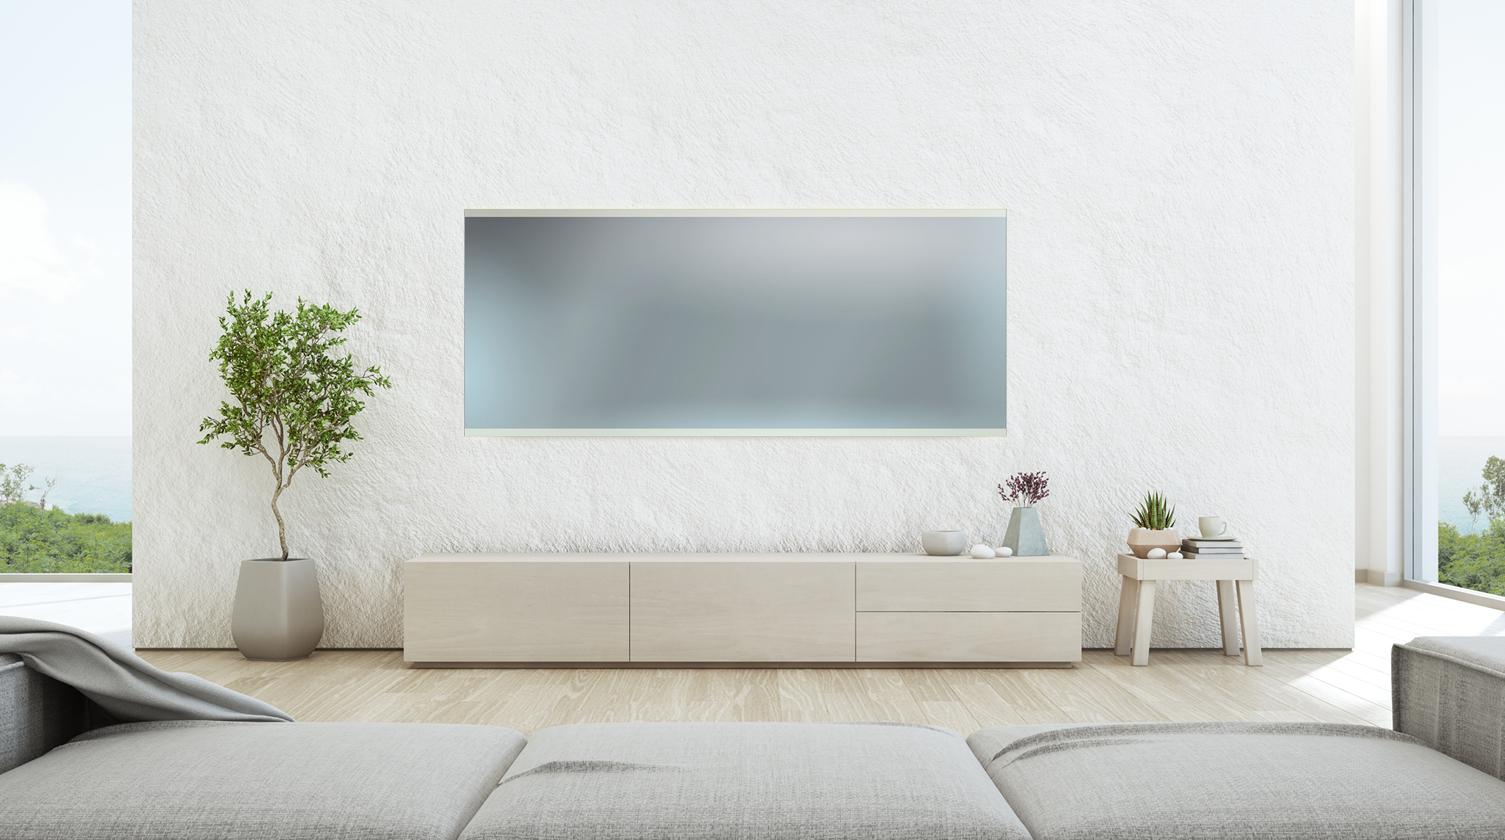 Wohnzimmer Flurspiegel Größe wählbar